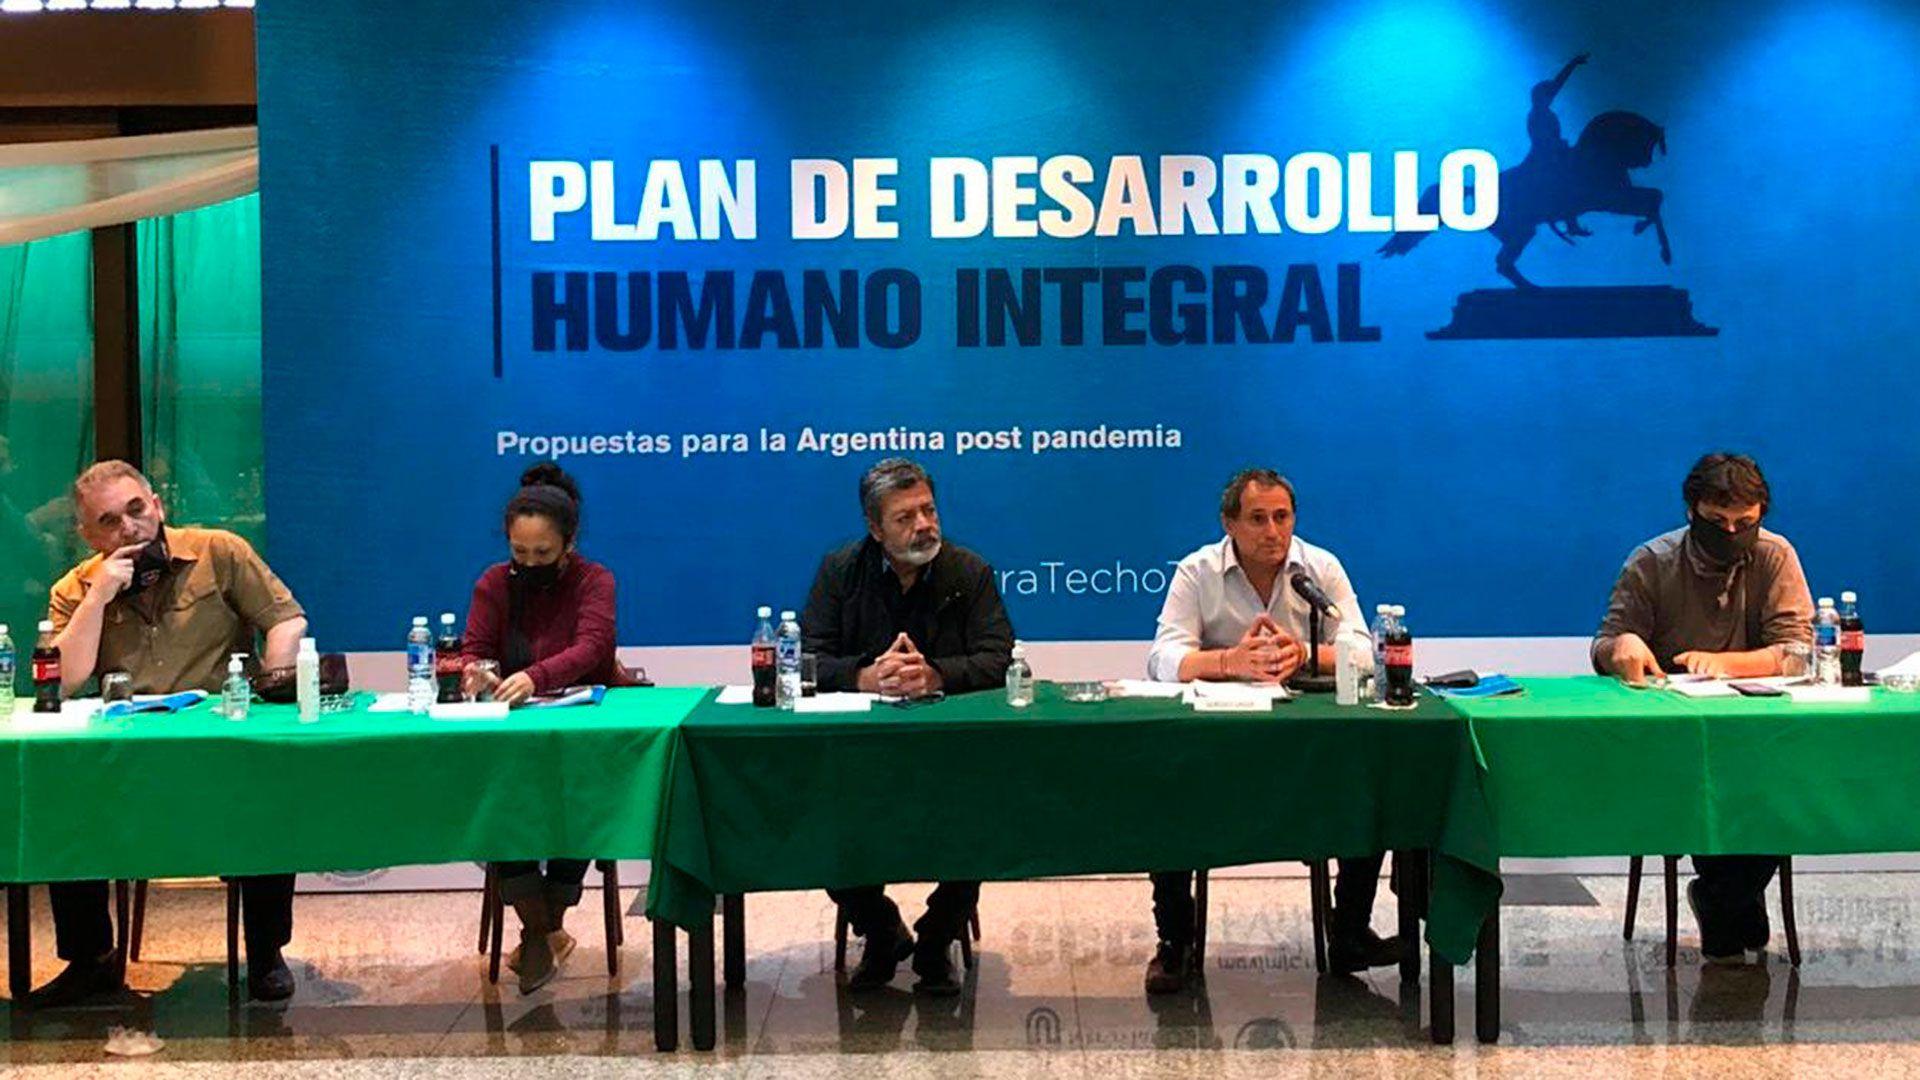 Sindicalistas y dirigentes sociales se reunieron en la Unión Ferroviaria para analizar el Plan de Desarrollo Humano Integral